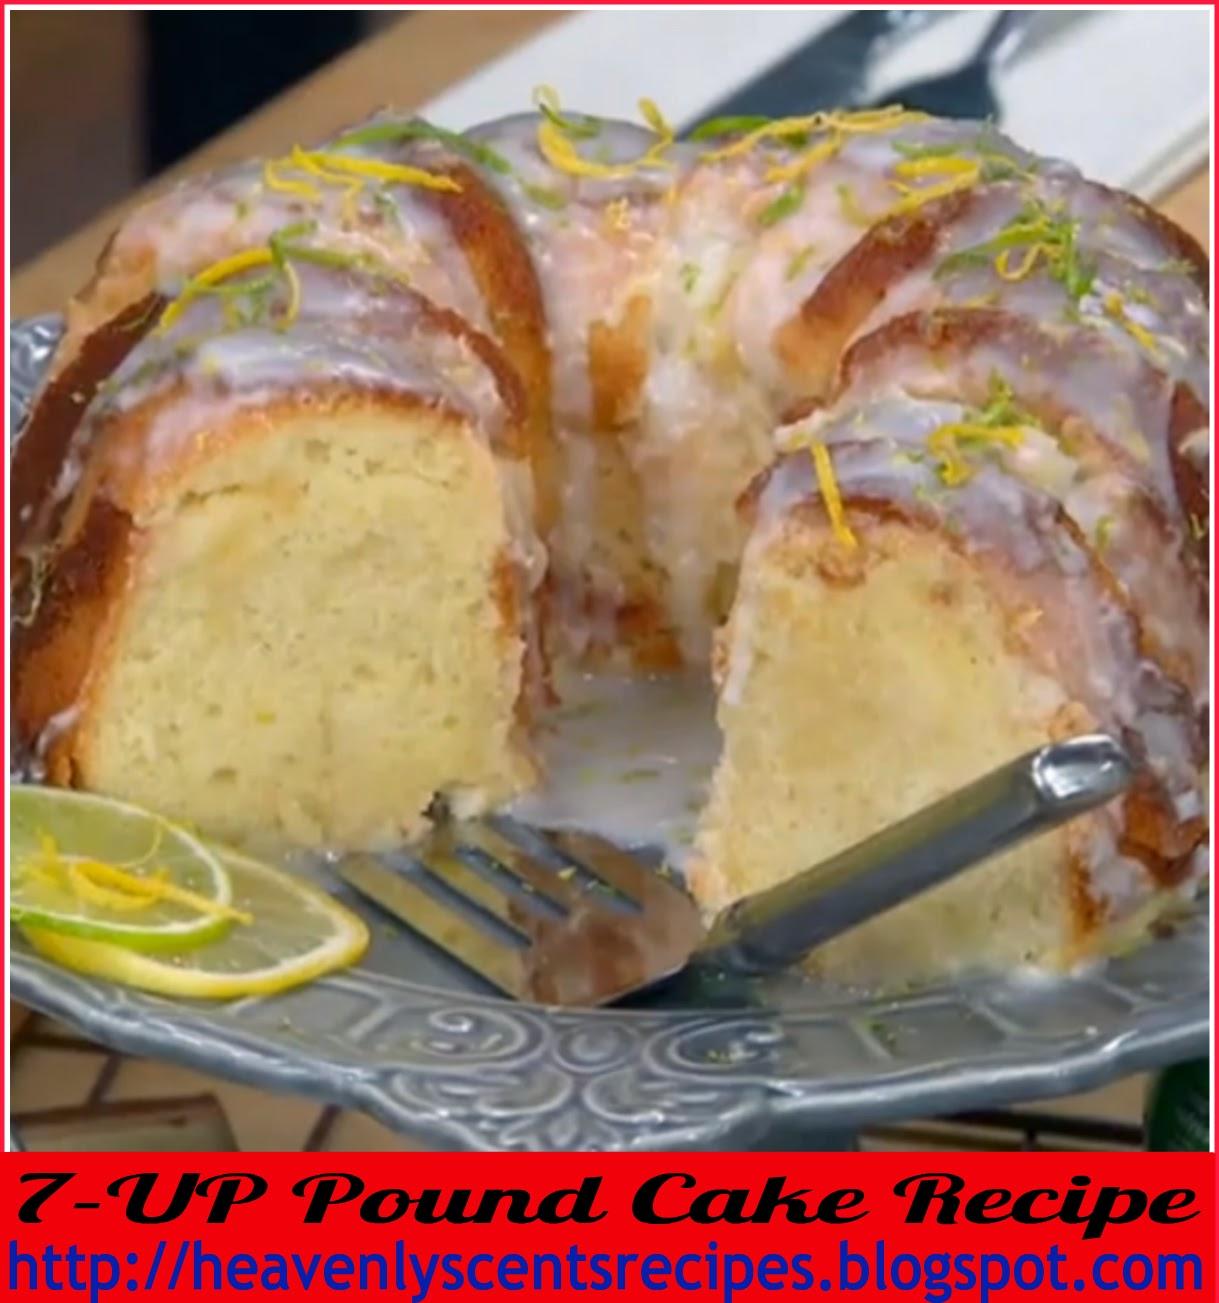 7Up Pound Cake Recipes